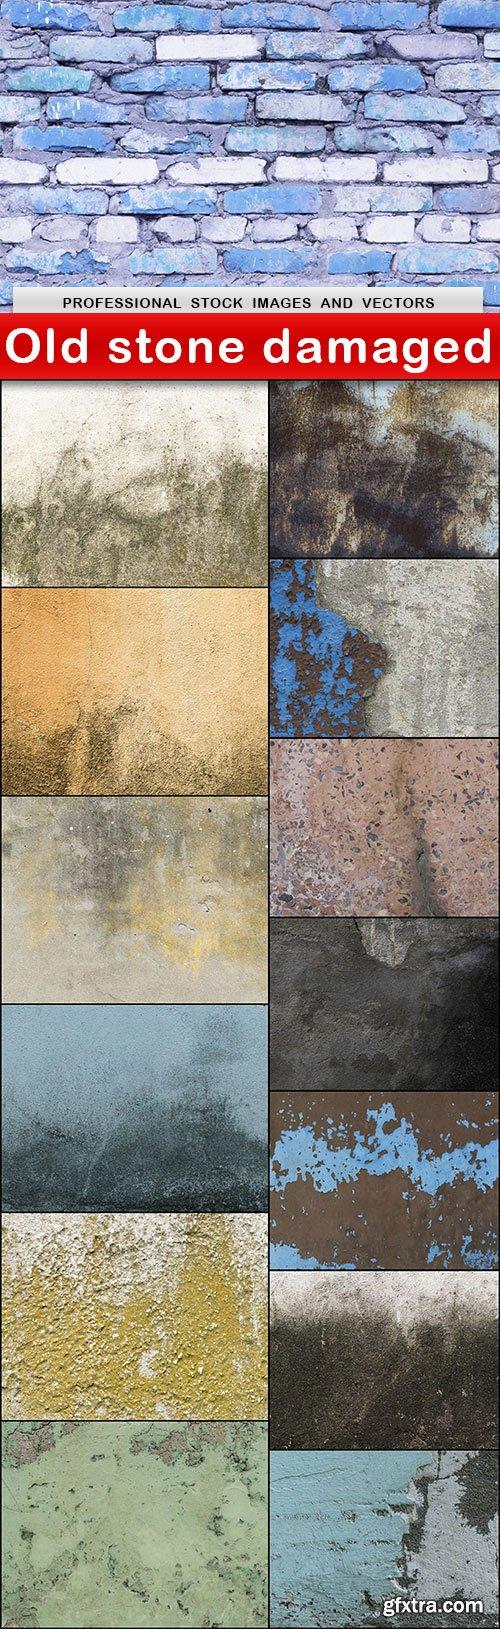 Old stone damaged - 14 UHQ JPEG